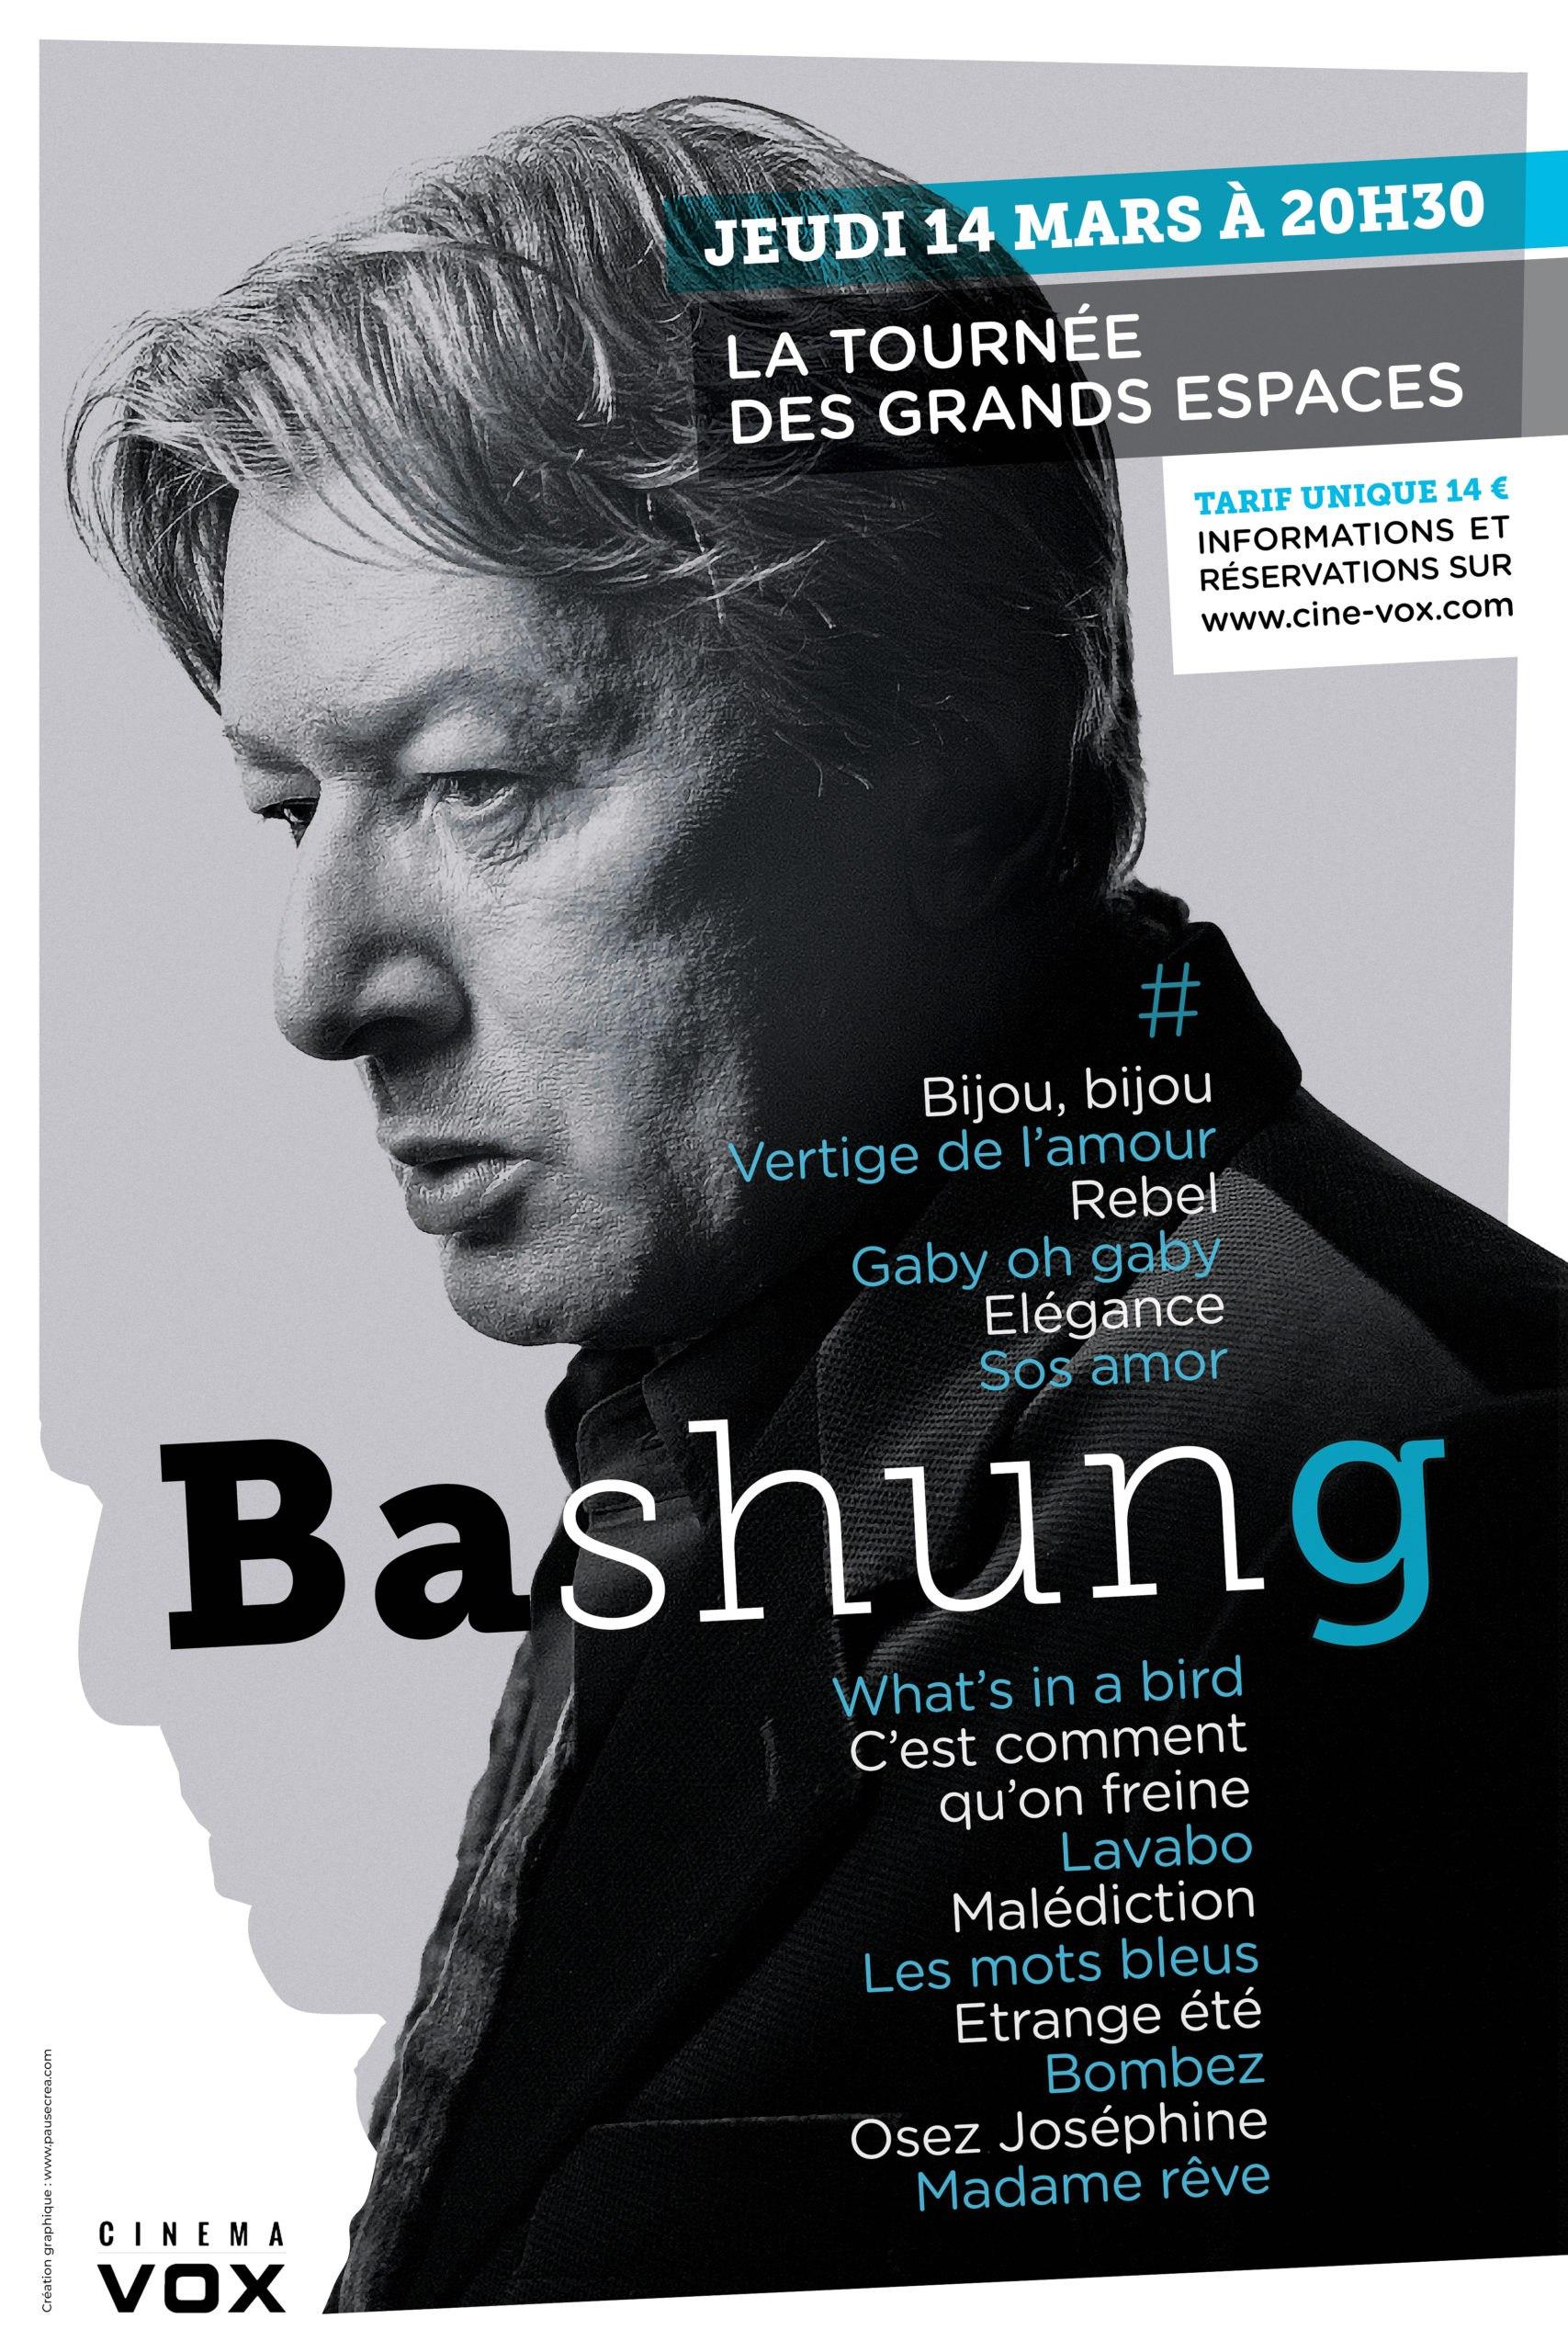 éric_bashung_affiche_concert